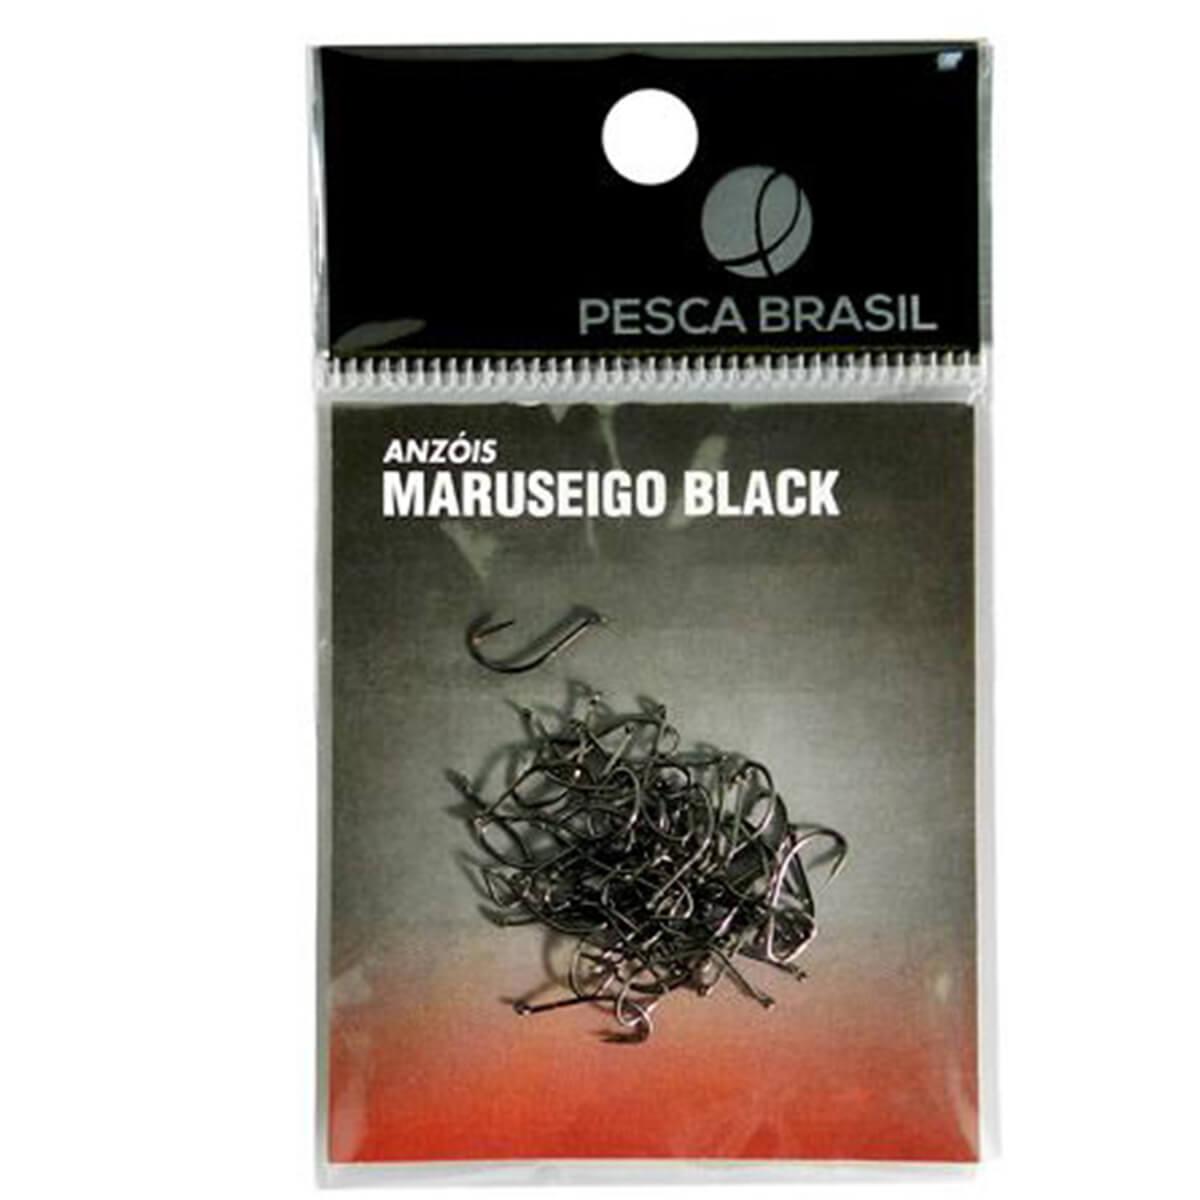 Anzol Maruseigo Black Pesca Brasil